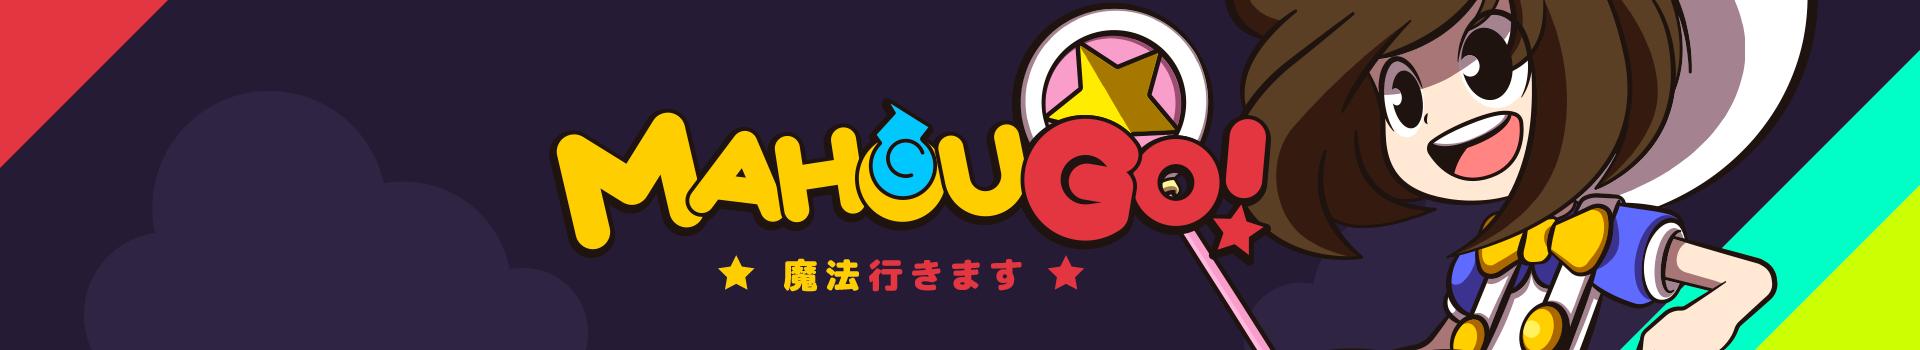 Mahou Go demo